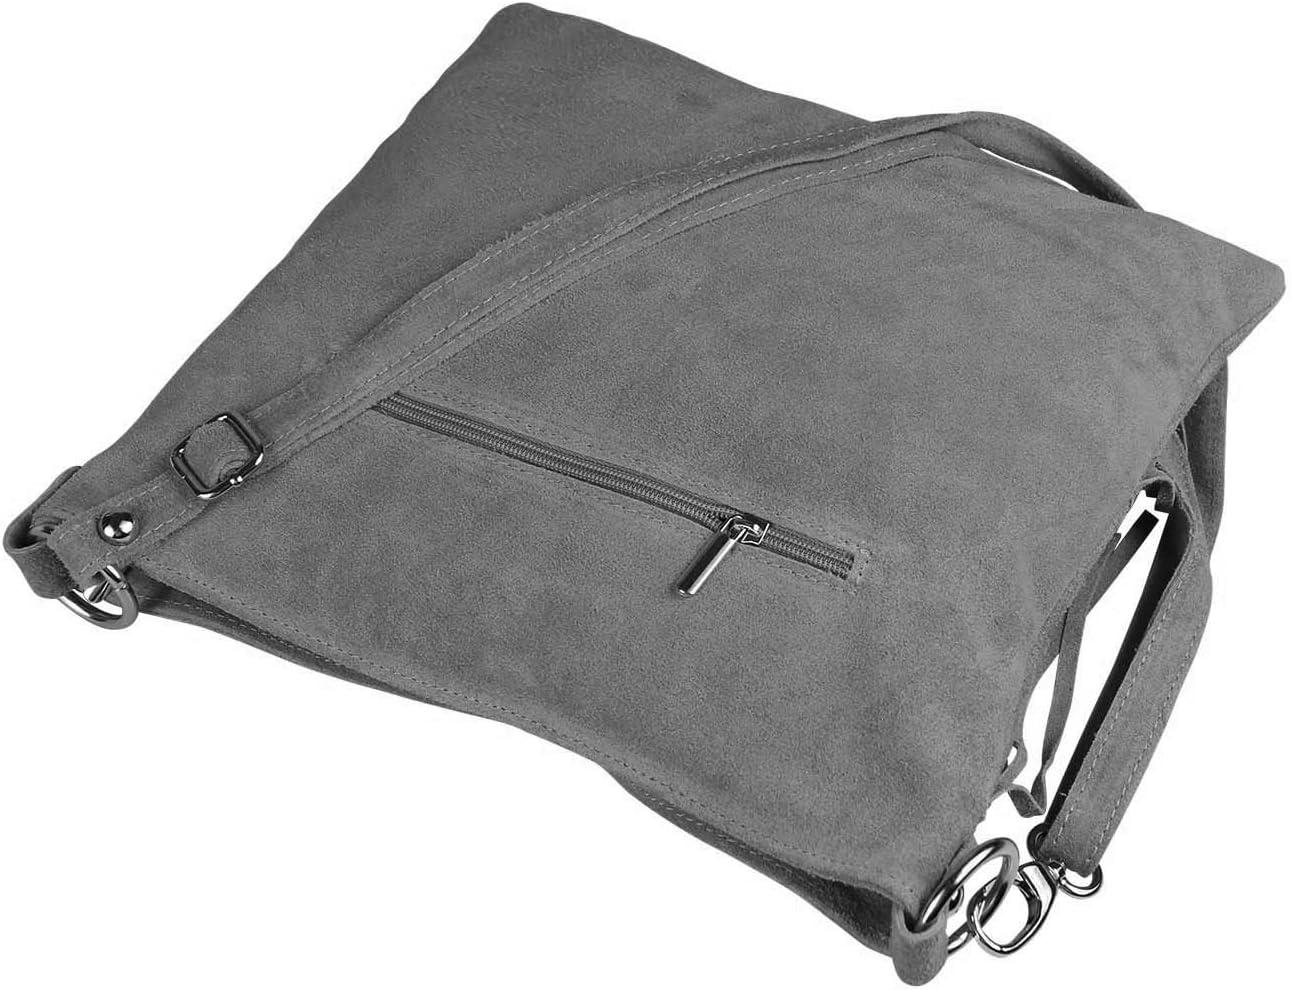 Damen Tasche Italy Style Handtasche Crossbody Umhängetasche Crossover Modetasche